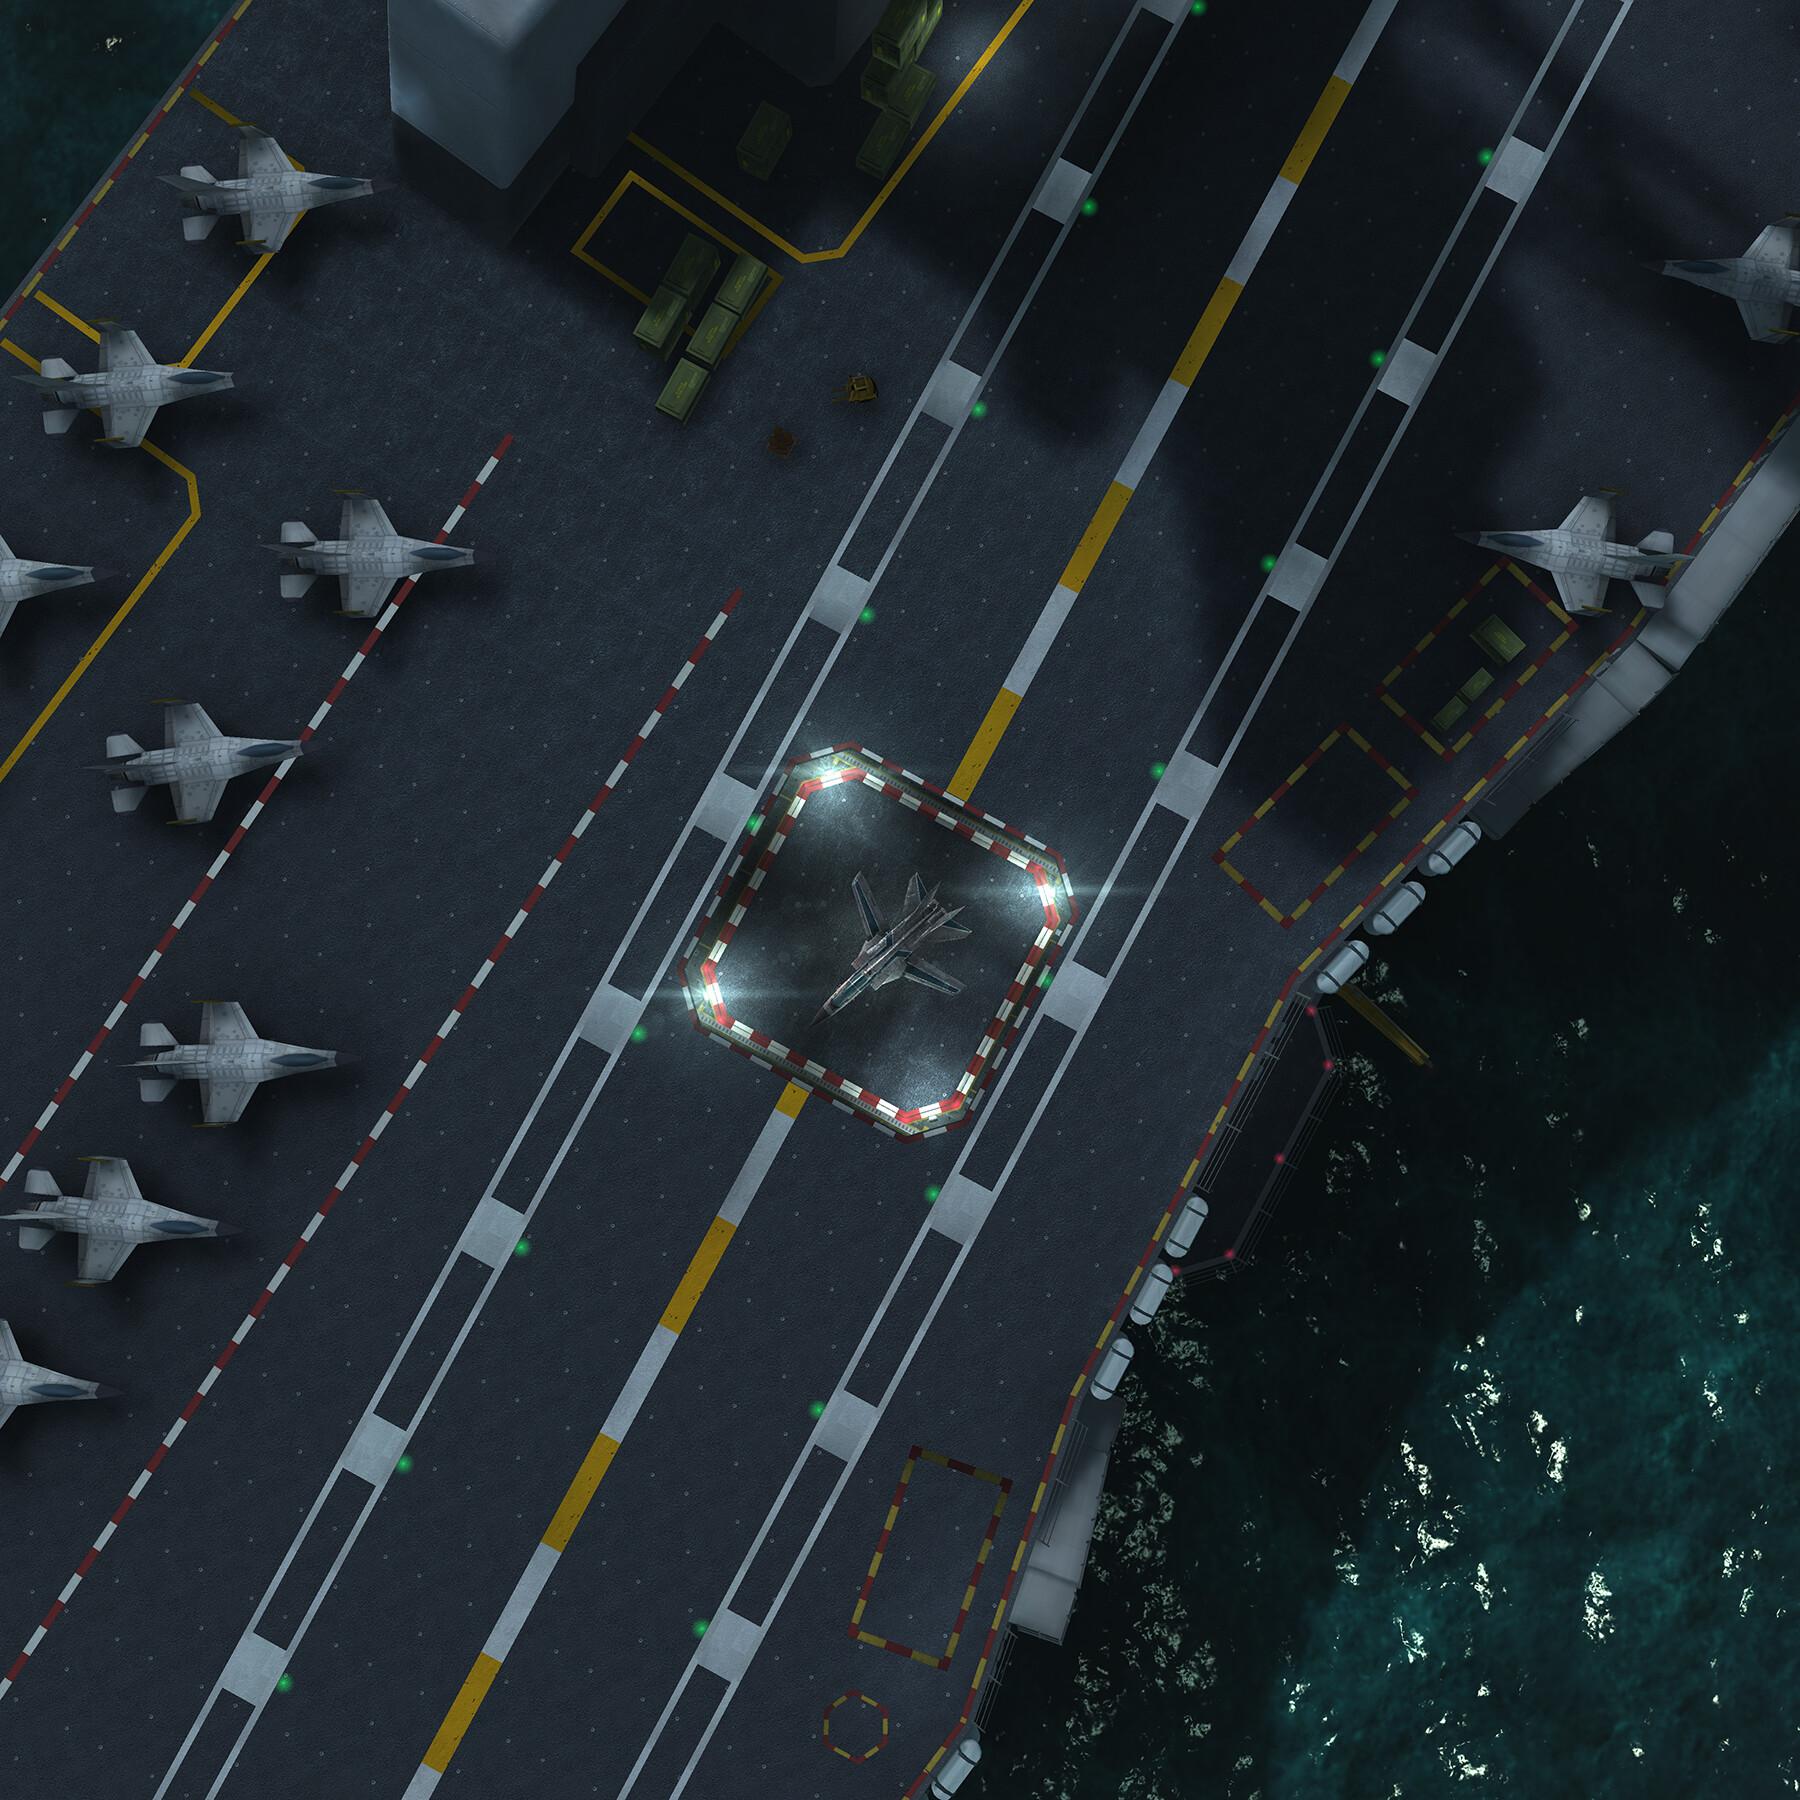 Aircraft carrier deck.